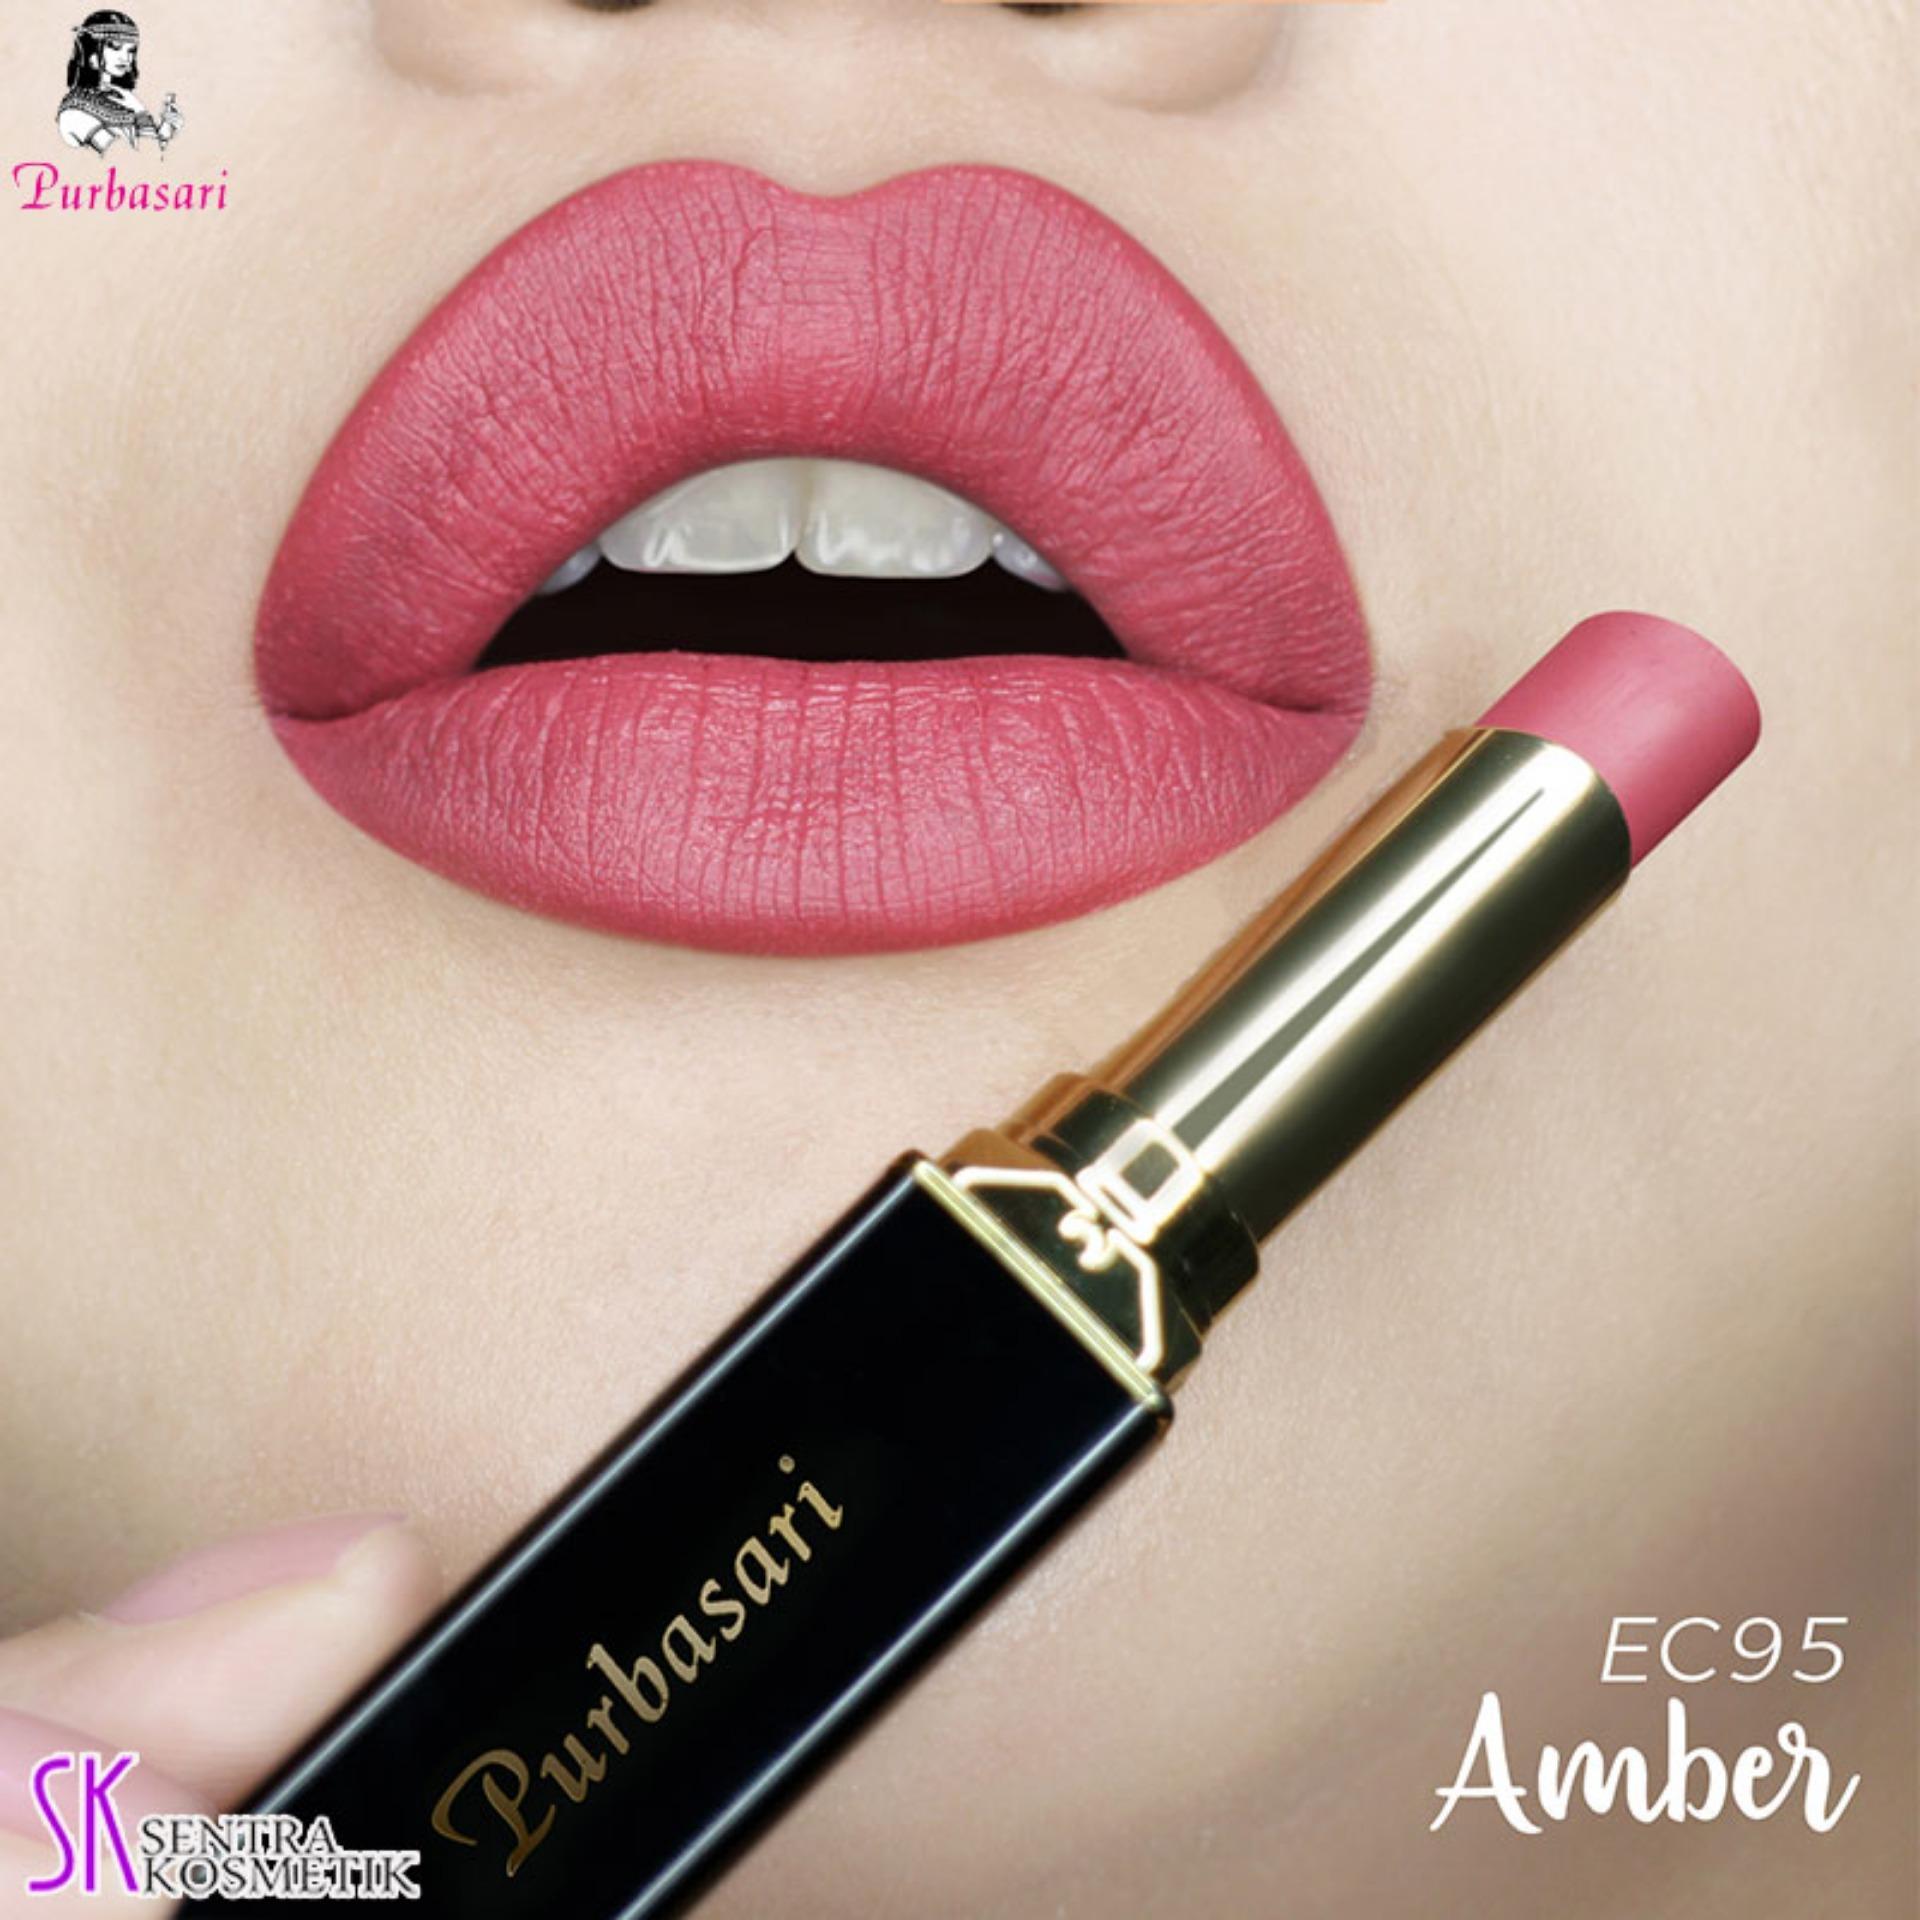 Purbasari Lipstick Collor Matte 95 AMBER